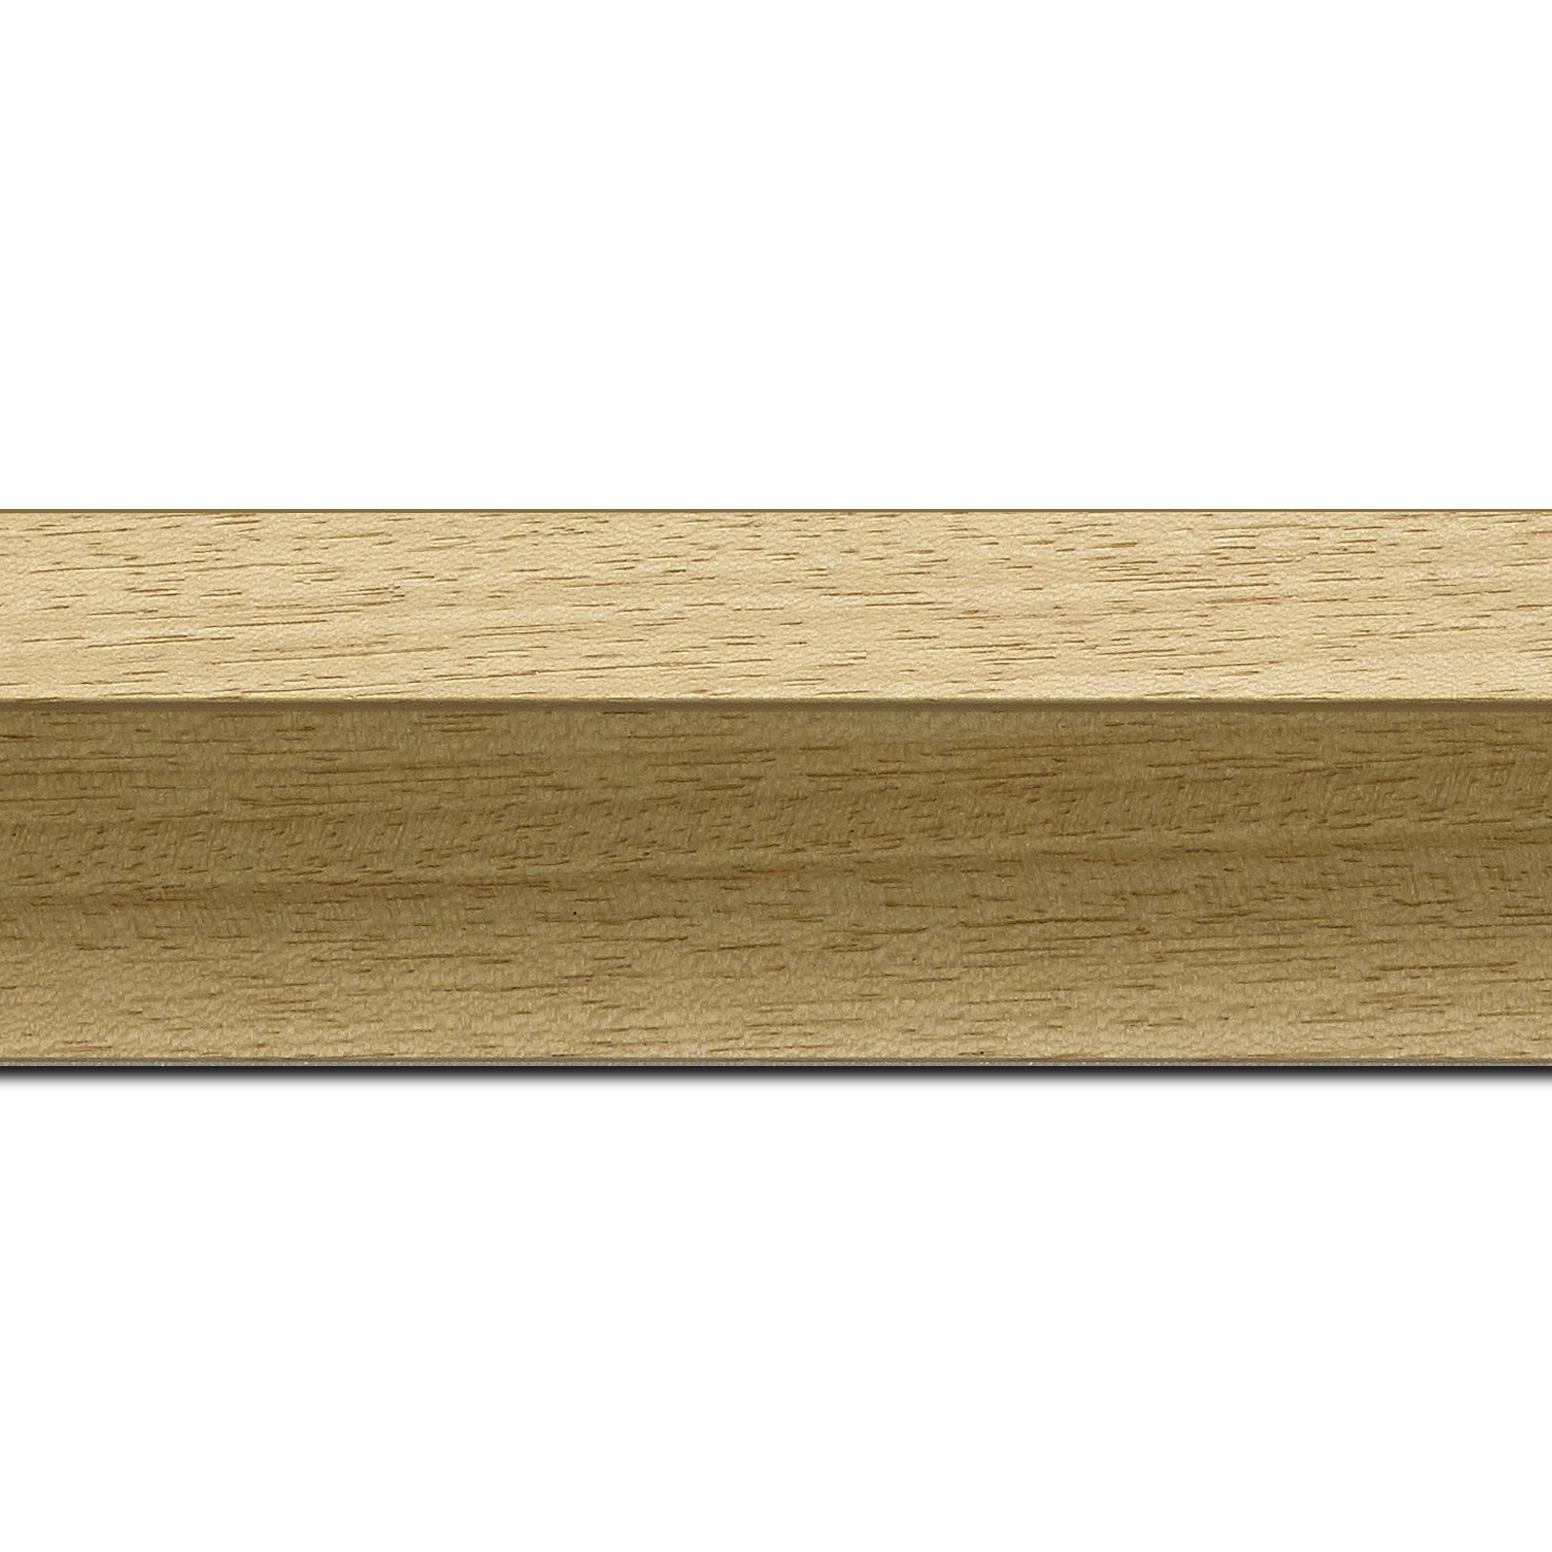 Baguette longueur 1.40m bois caisse américaine profil en l (flottante) largeur 4.5cm naturel brut plat extérieur largeur 2cm qualitÉ galerie (spécialement conçu pour les châssis d'une épaisseur jusqu'à 3cm ) sans vernis,peut être peint...information complémentaire : il faut renseigner la dimension précise de votre sujet  et l'espace intérieur entre la toile et le cadre sera de 2cm